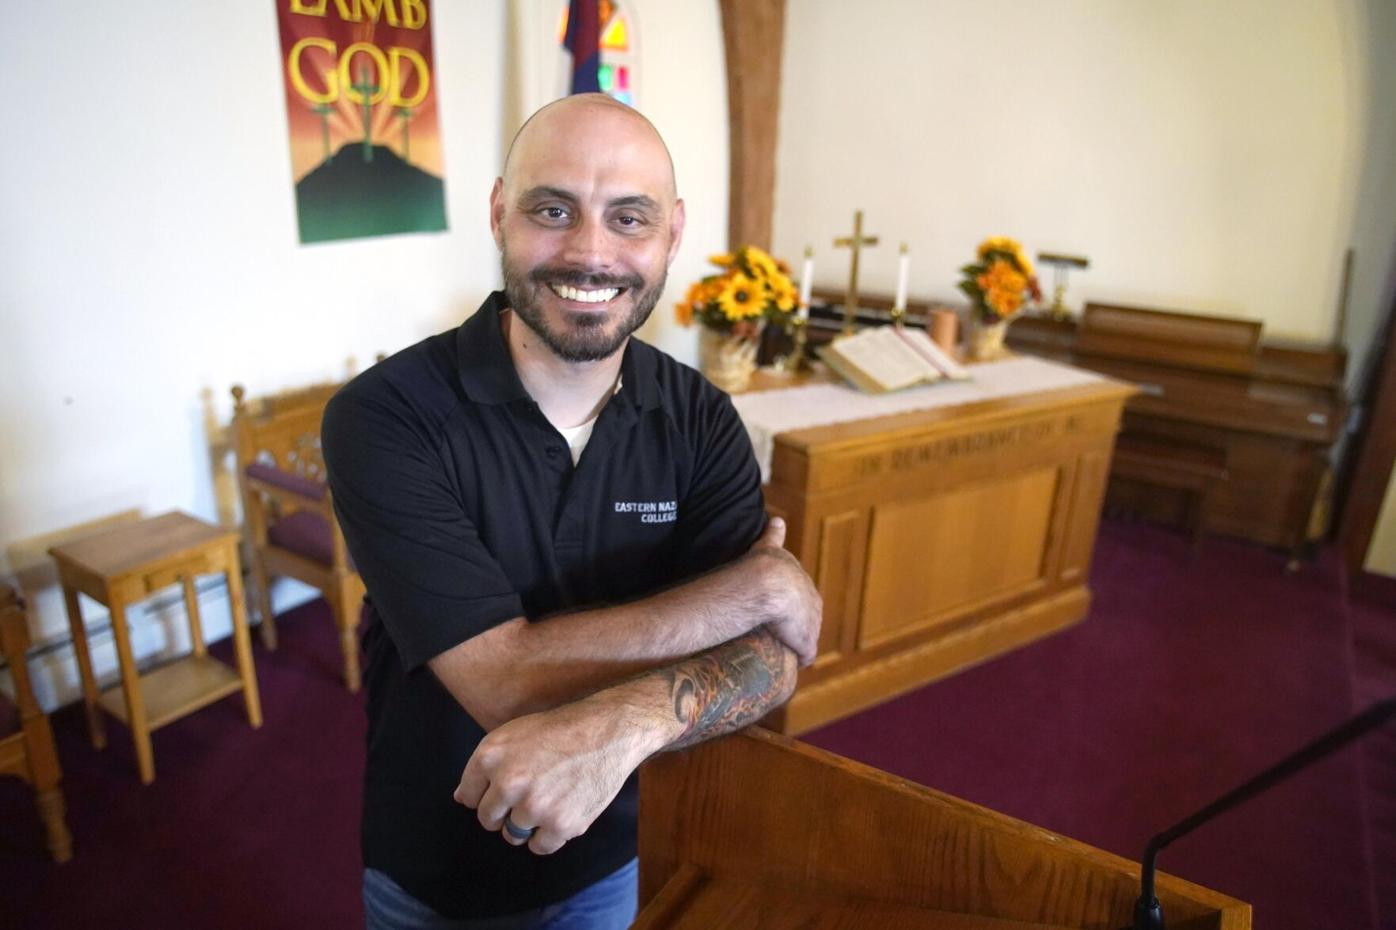 the Rev. Adam Ziegler